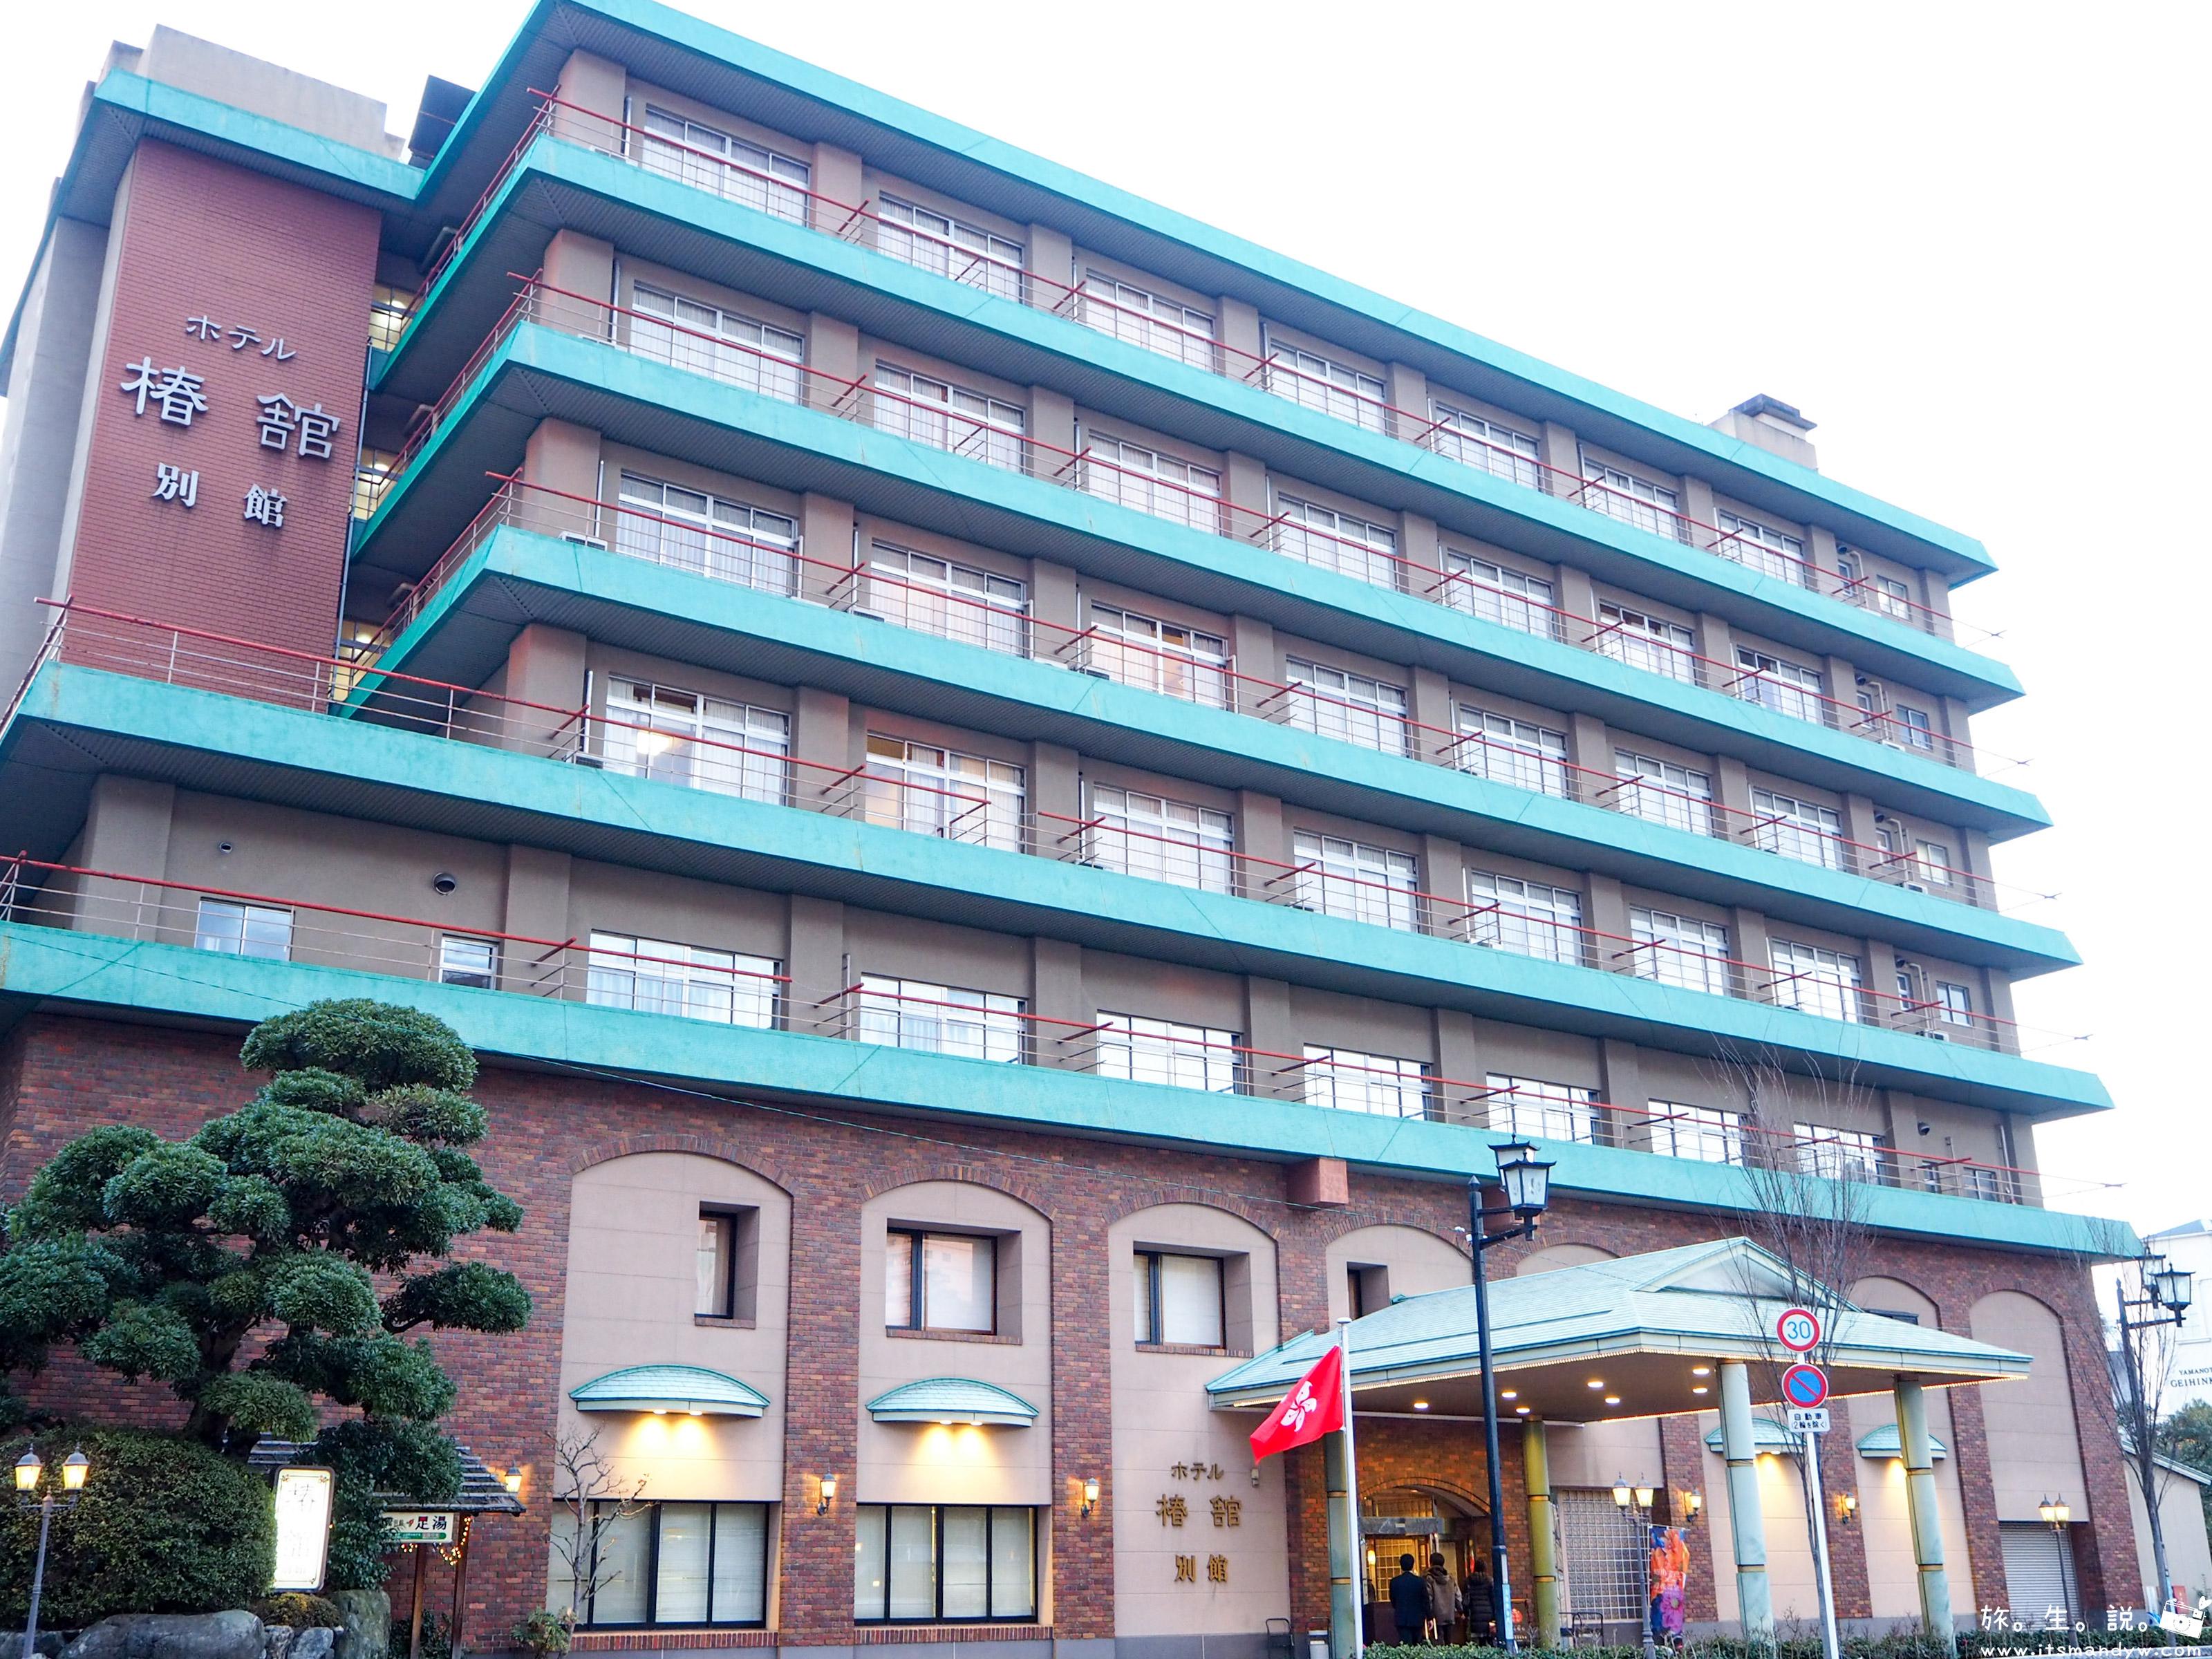 🇯🇵 日本 | 松山市 散策 – 松山城、道後溫泉、少爺列車